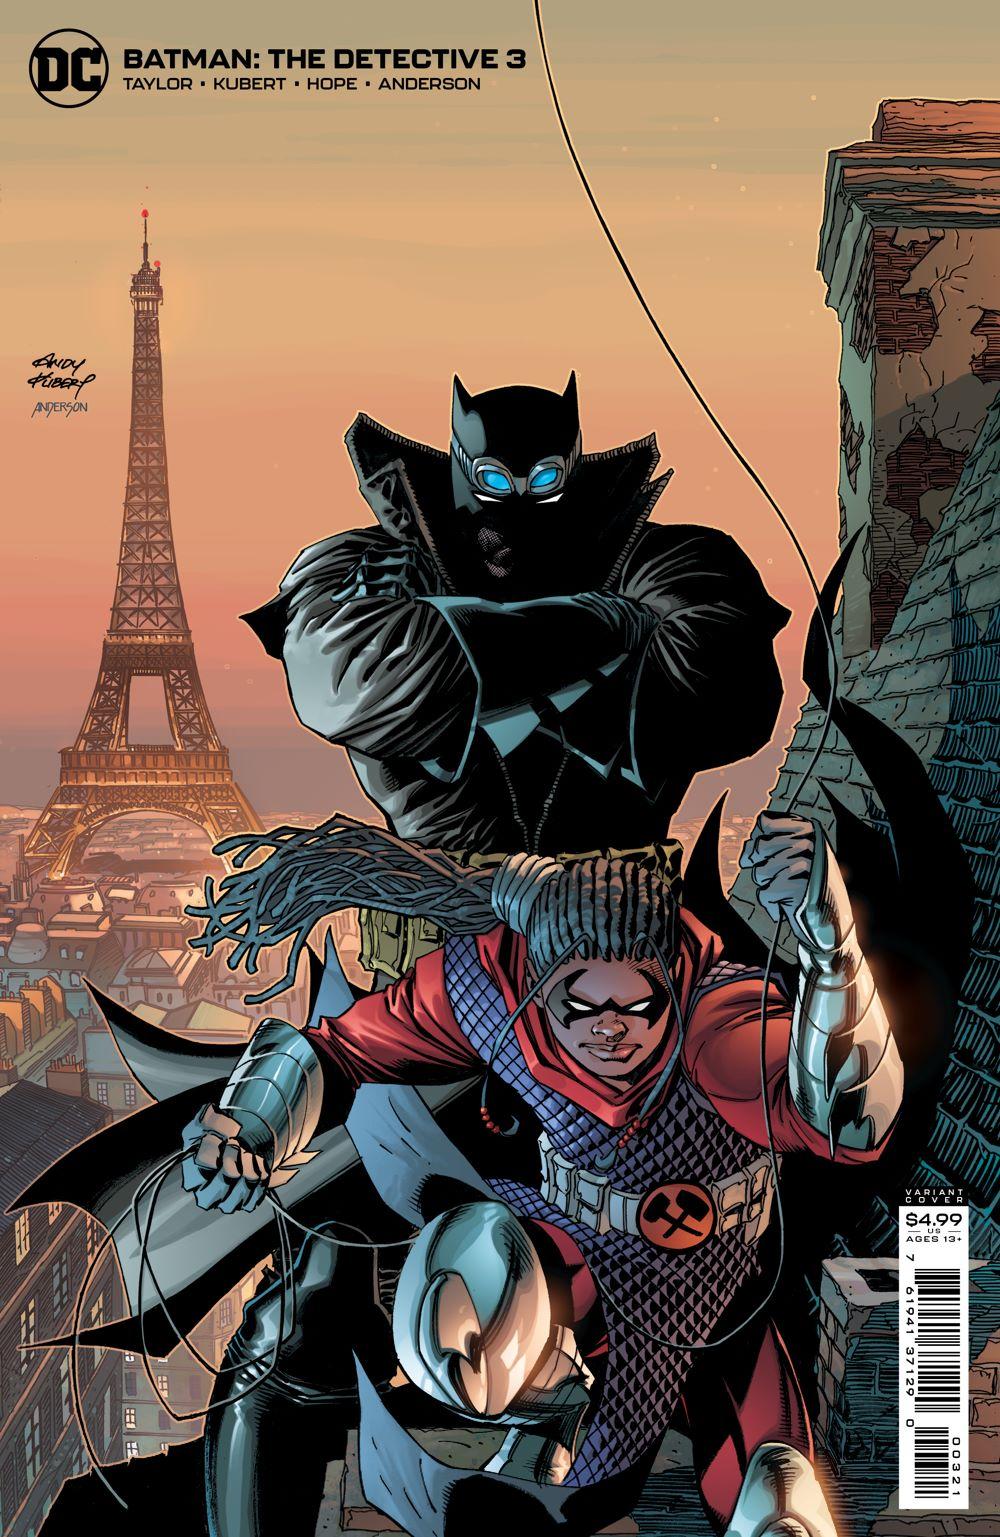 BMTD_Cv3_var DC Comics June 2021 Solicitations